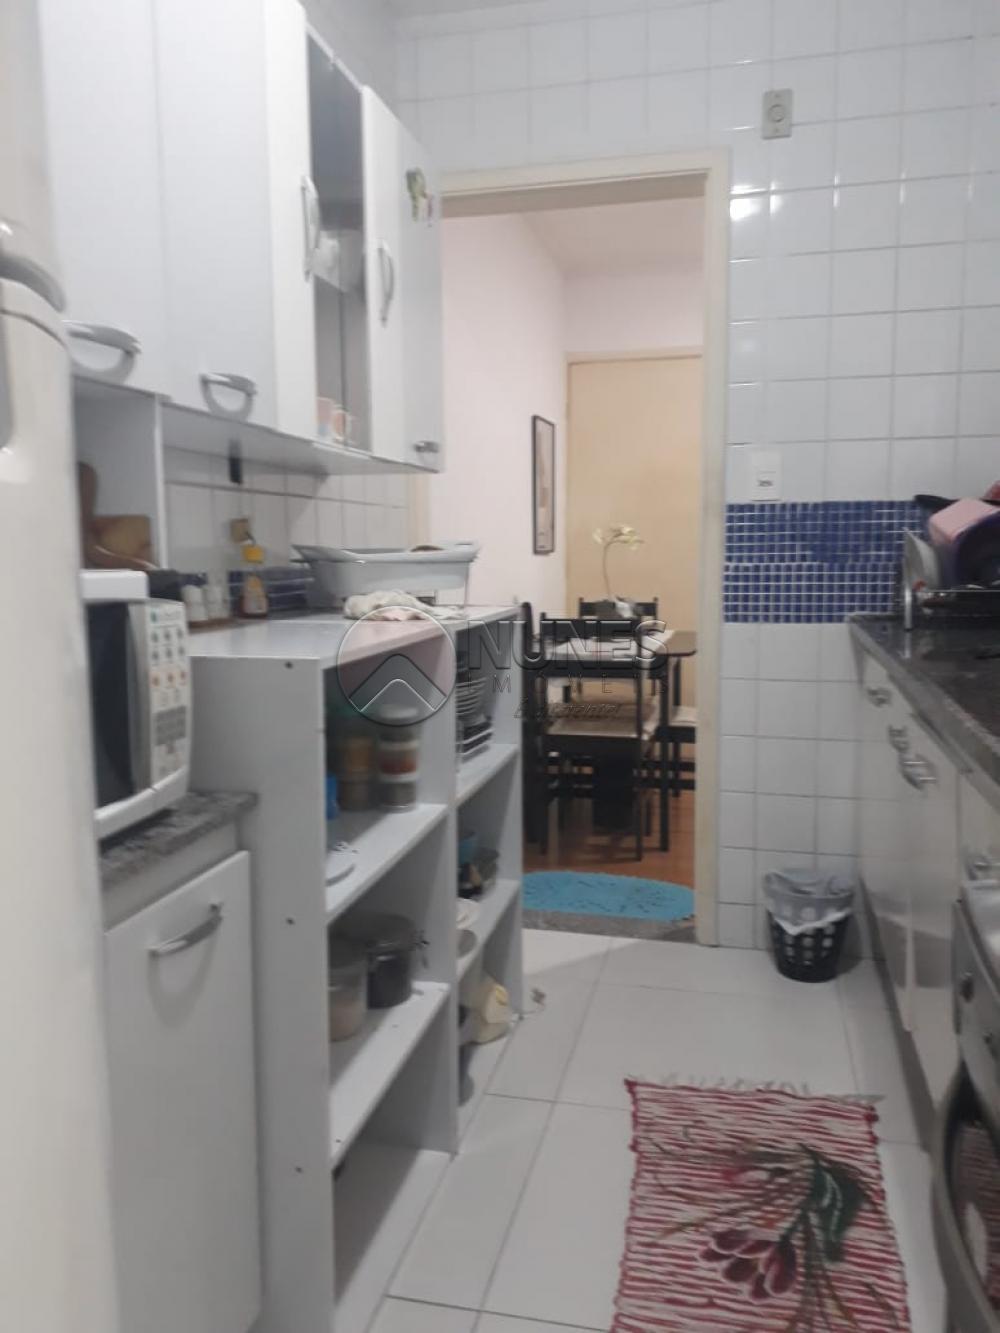 Comprar Apartamento / Padrão em Cotia apenas R$ 189.000,00 - Foto 7